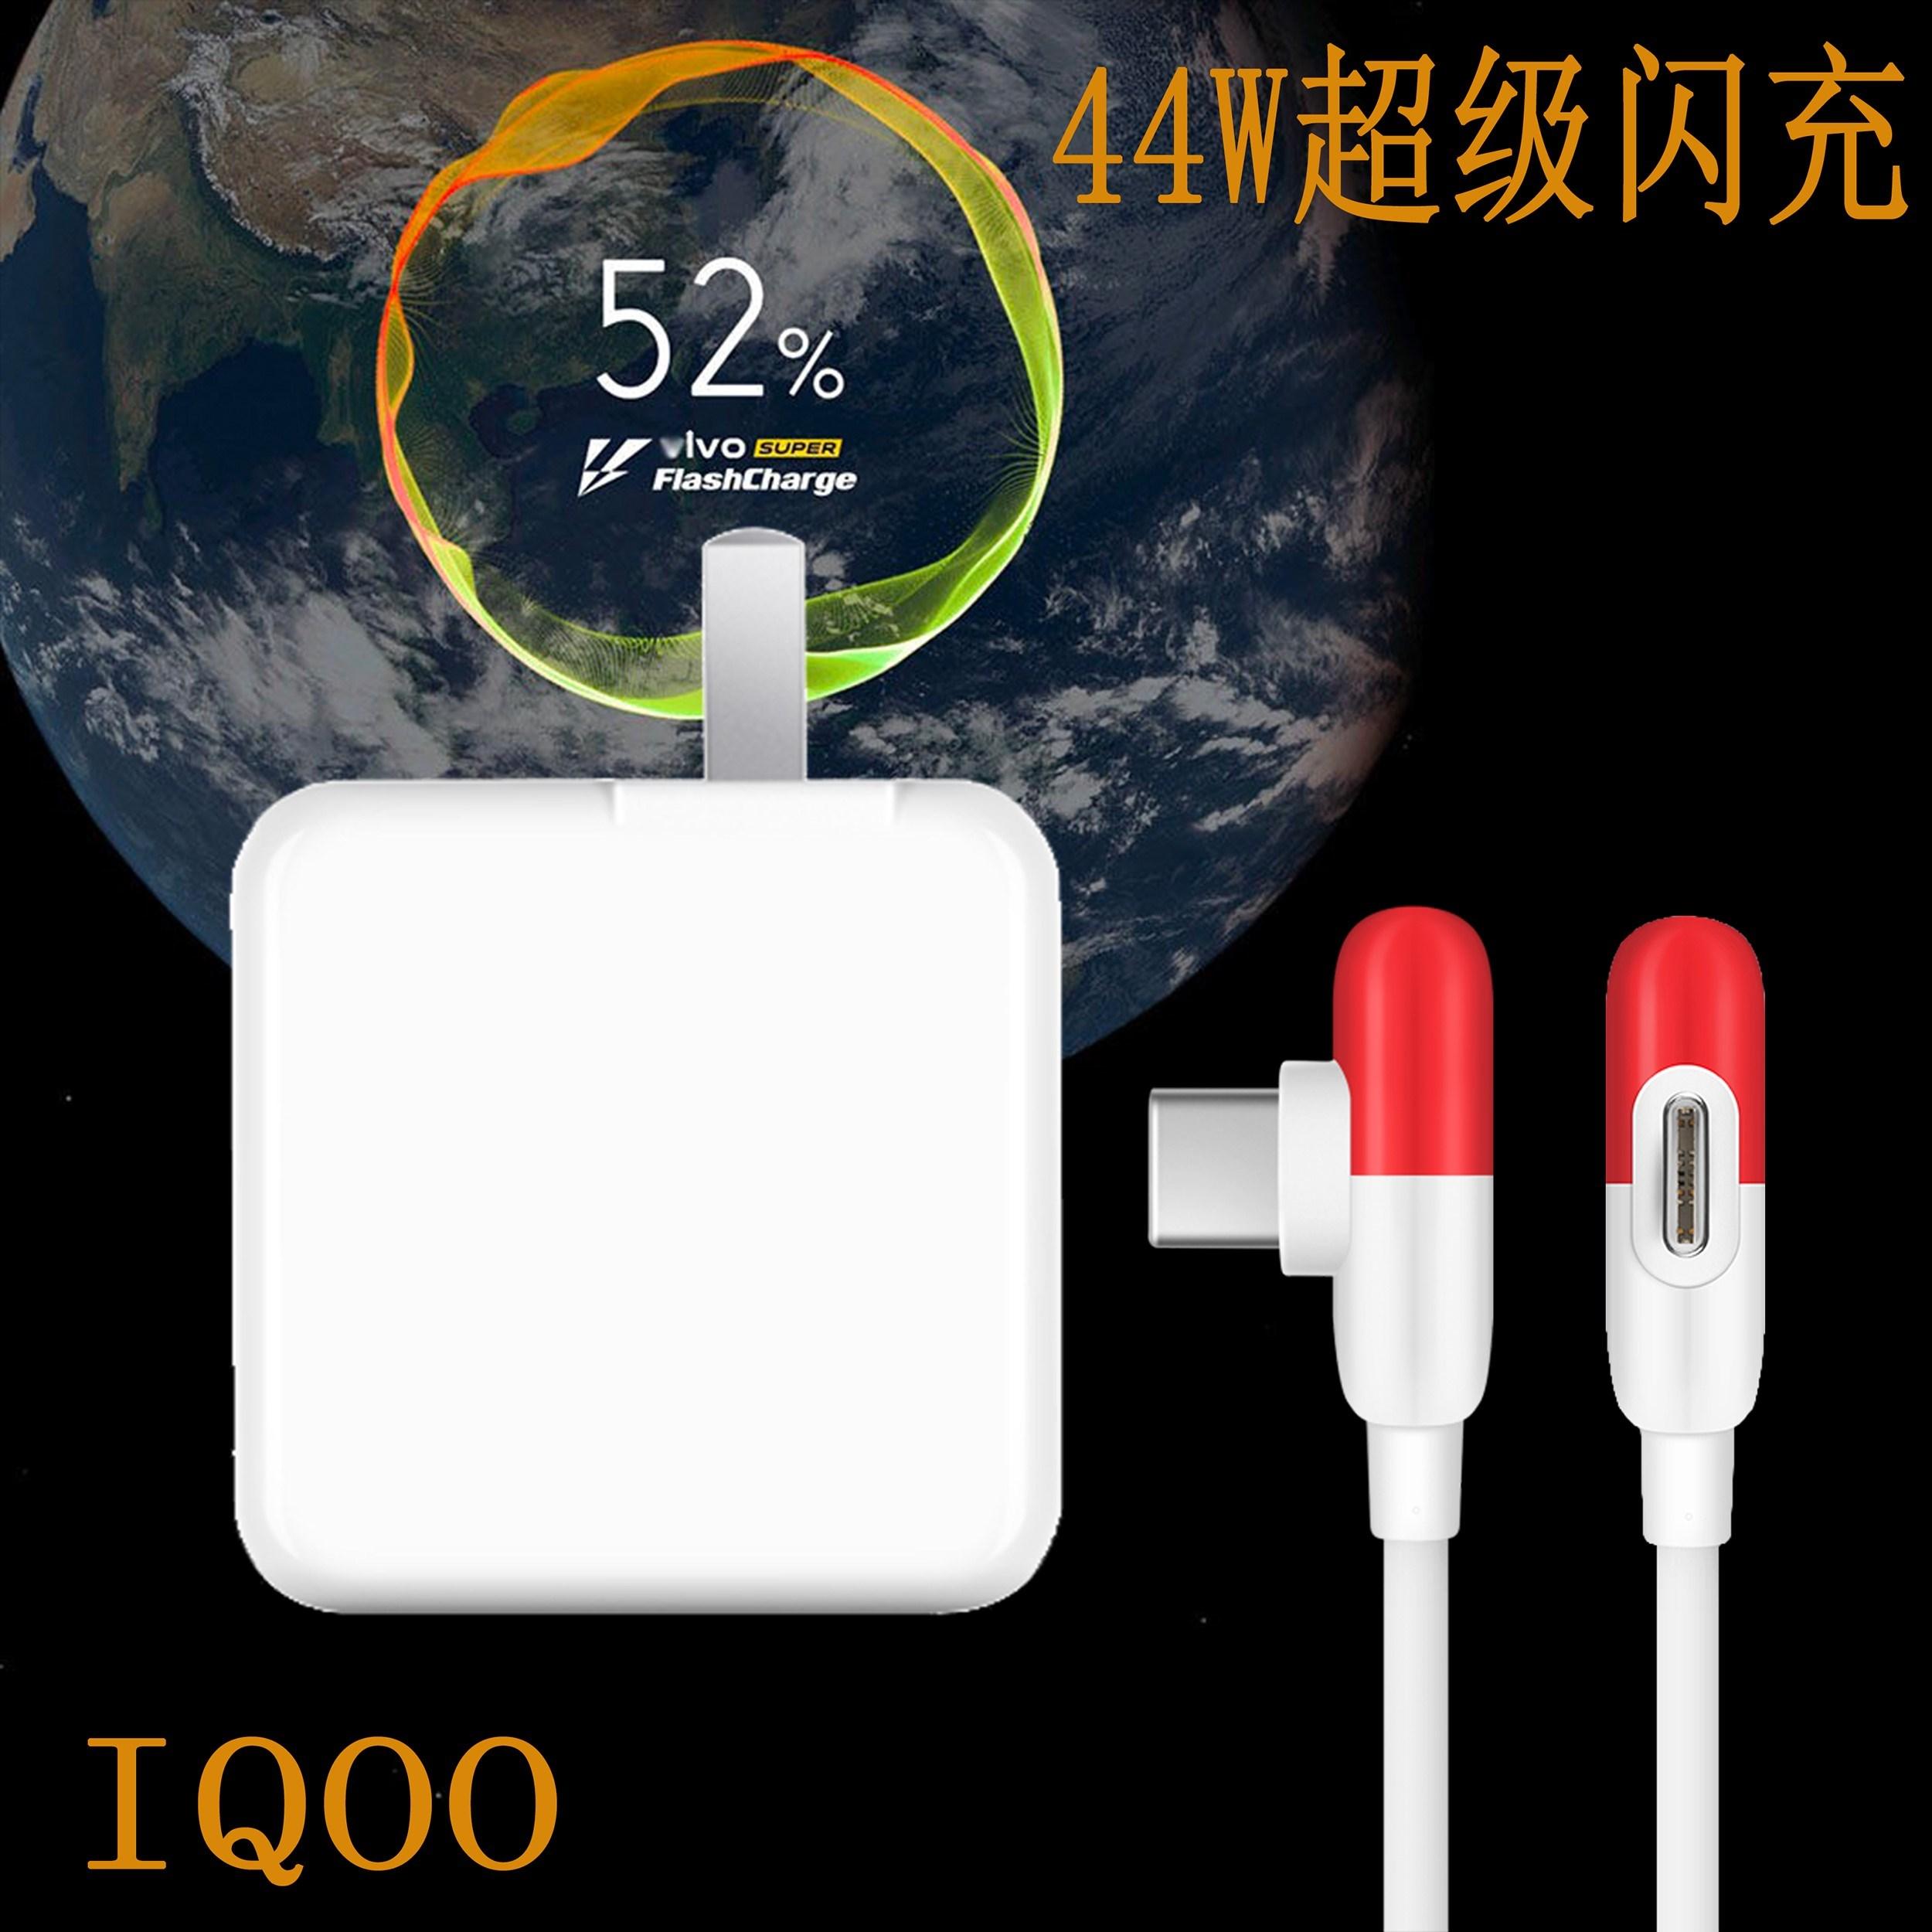 vivo IQOO原裝膠囊充電器頭vivoiqoo手機數據線 44W瓦neo充電器27